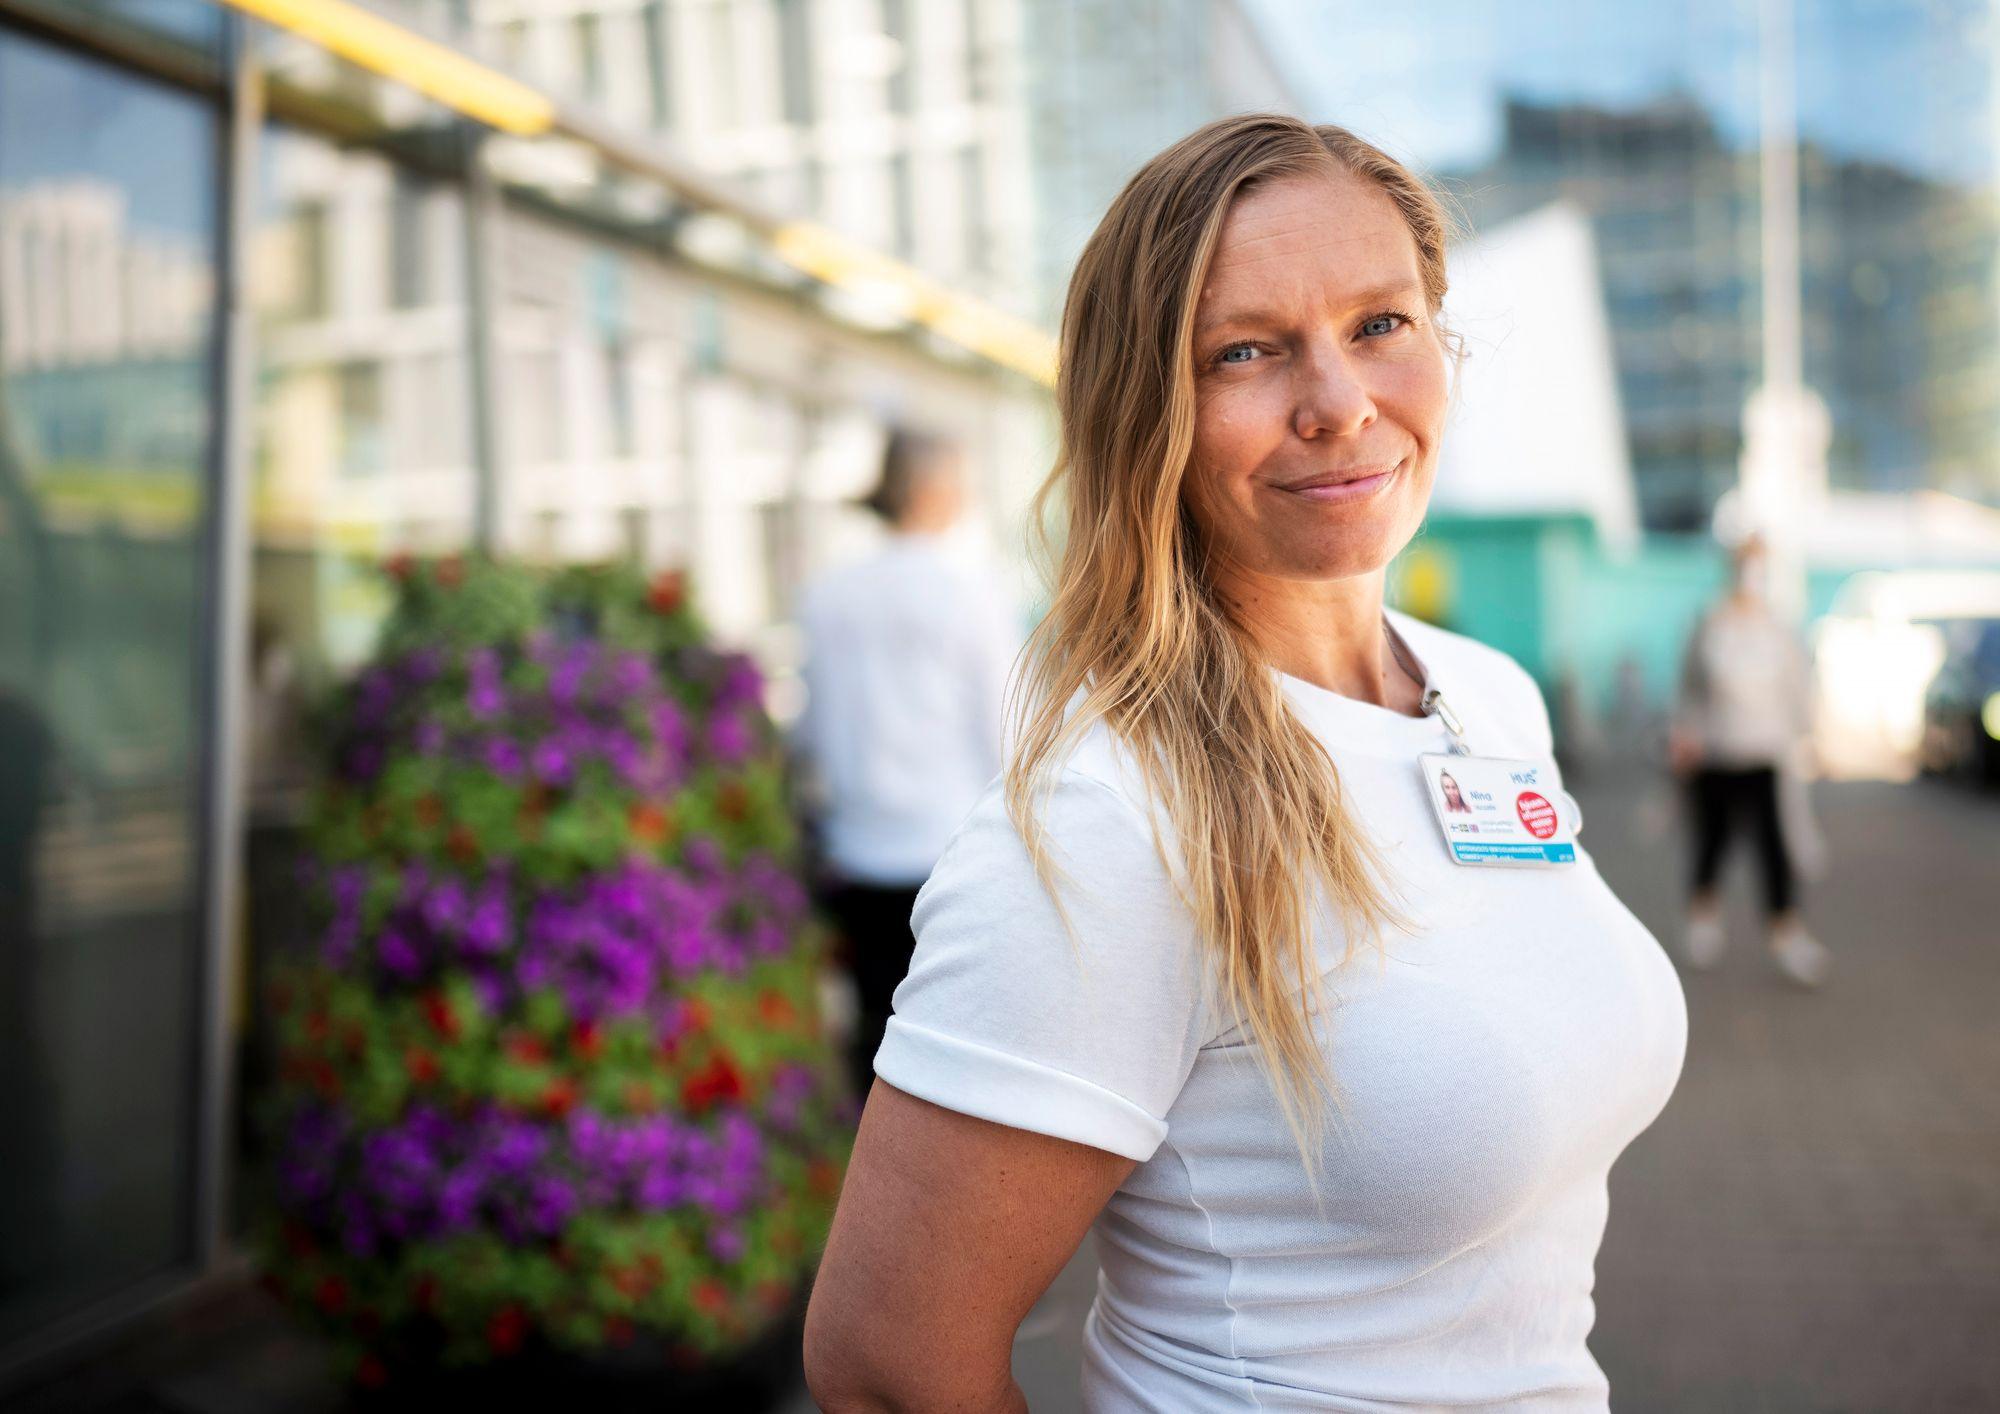 Korona pakotti matkaopas Nina Tallgrenin palaamaan Suomeen. Vaikka elämä hetkeksi synkkeni, osasi hän taas arvostaa synnyinmaansa parhaita puolia. © Arto Wiikari